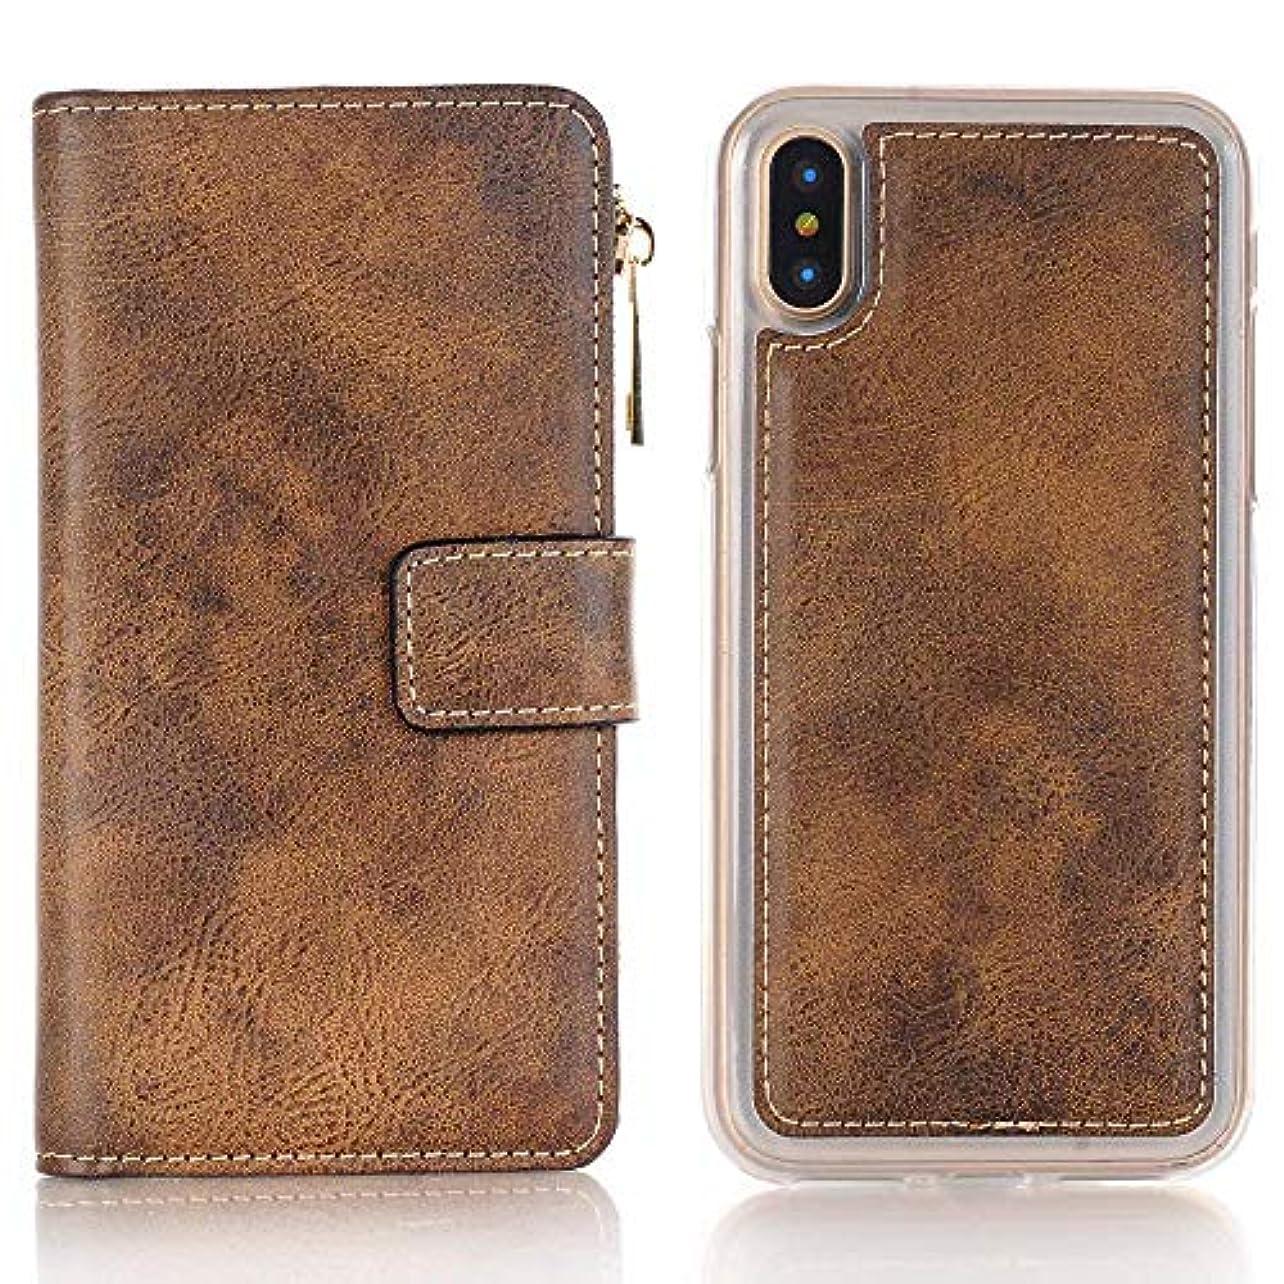 取り消す大胆不敵うめきiPhone ケース 手帳型 INorton 全面保護カバー 耐衝撃 レンズ保護 カード収納 分離式 高品質レザー シリコン 軽量 マグネット式